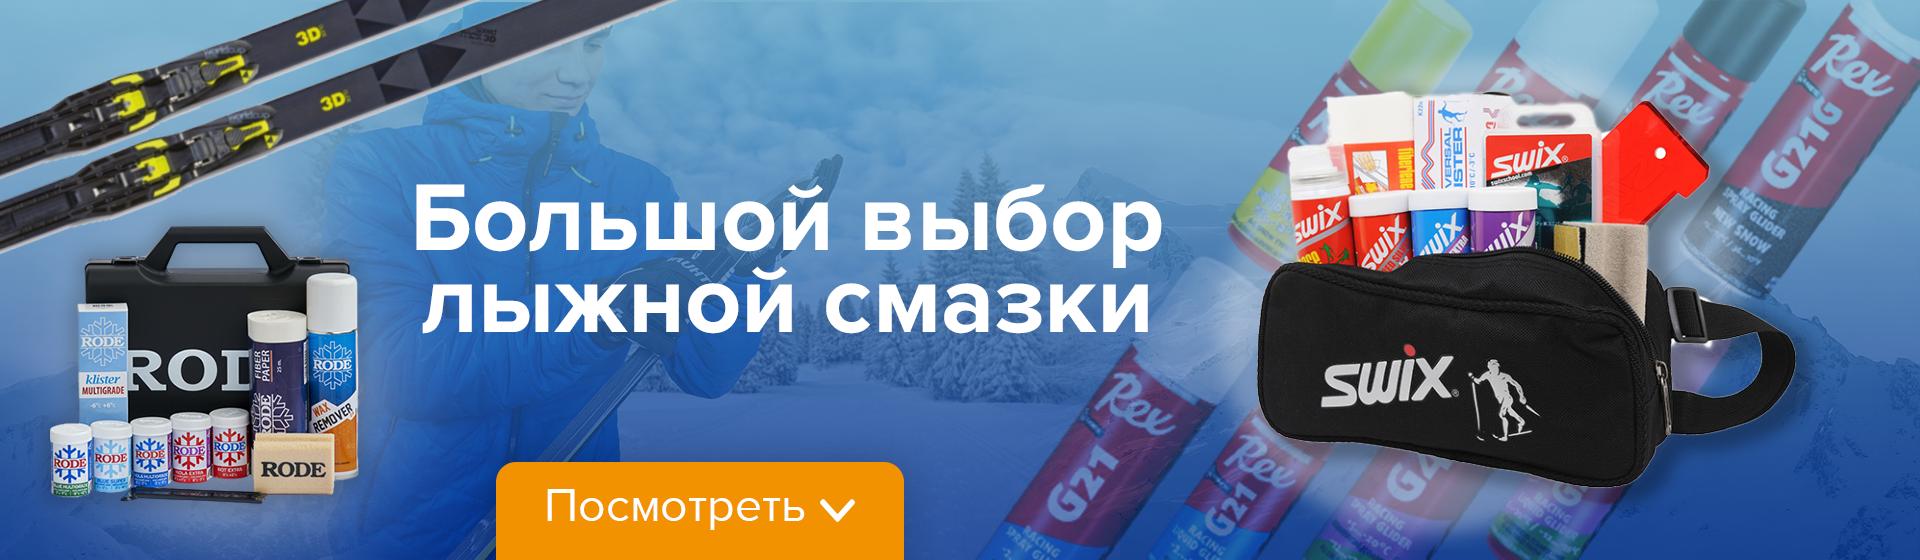 Лыжная смазка в SportSpirit.Pro